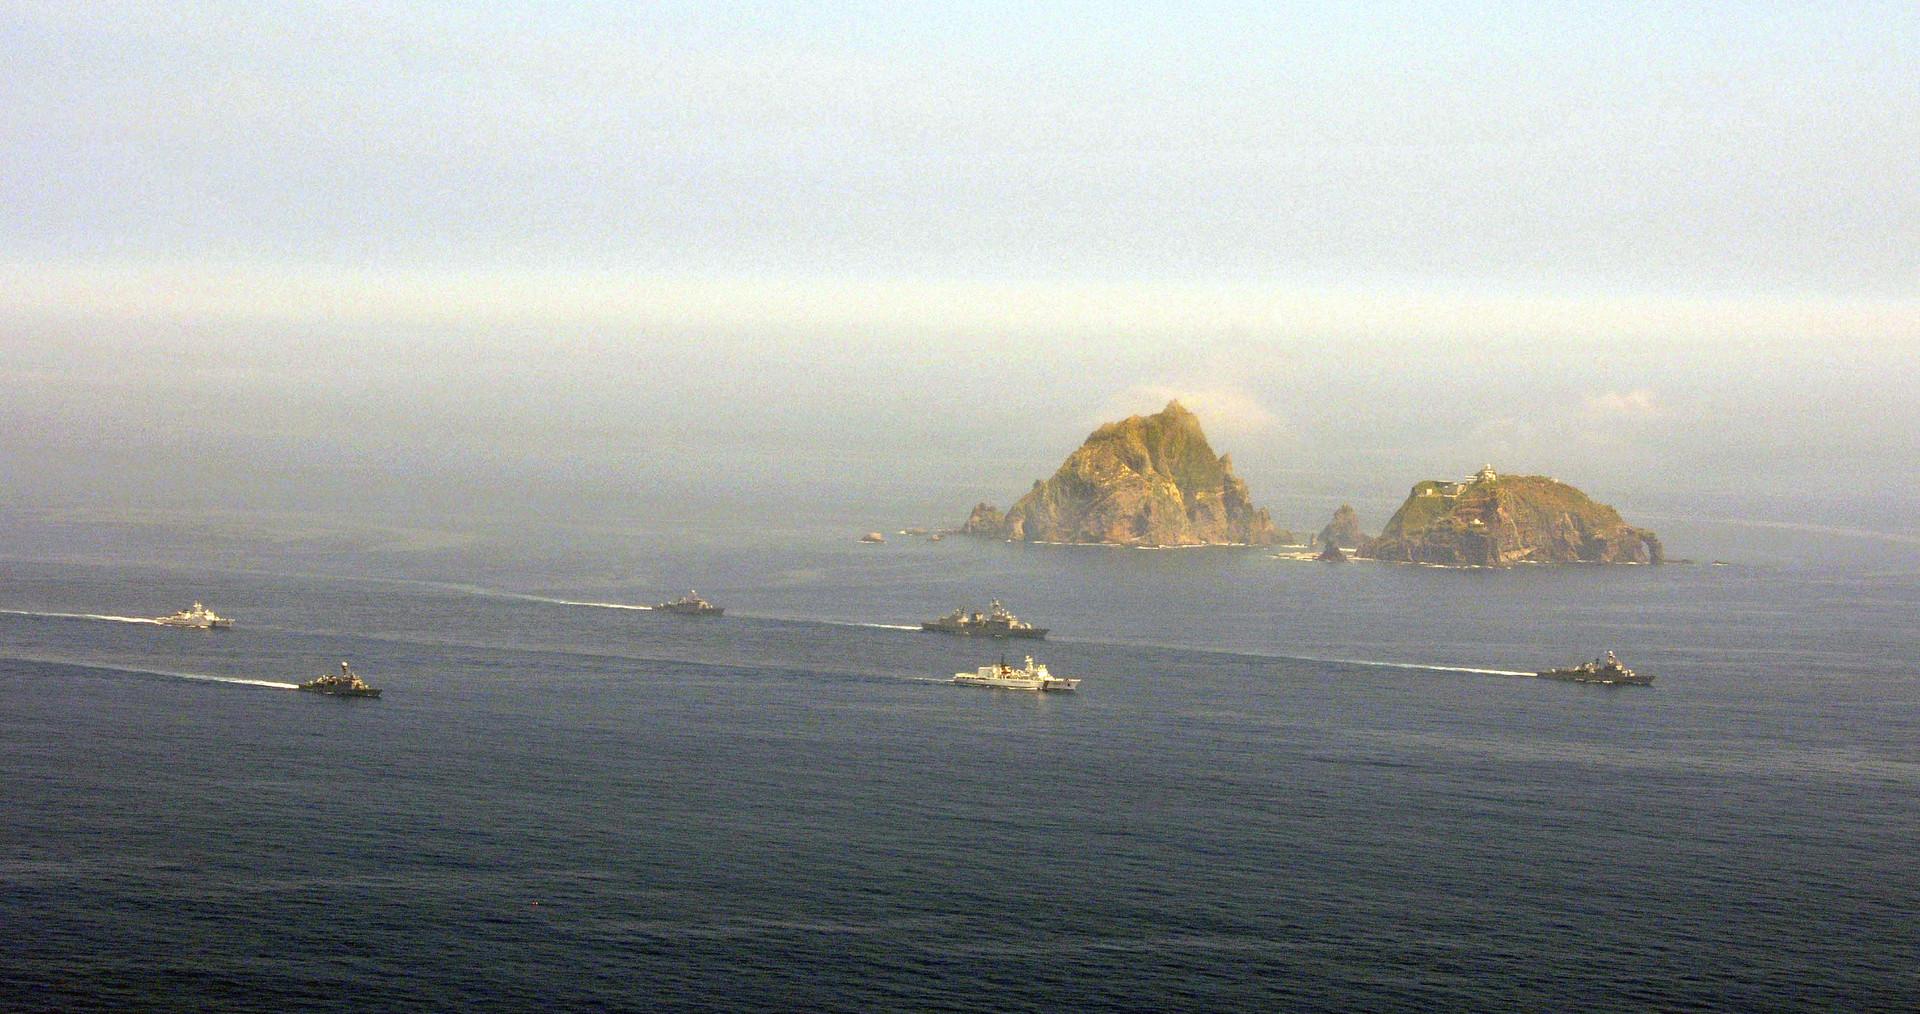 سفن كورية جنوبية قرب جزر دوكدو